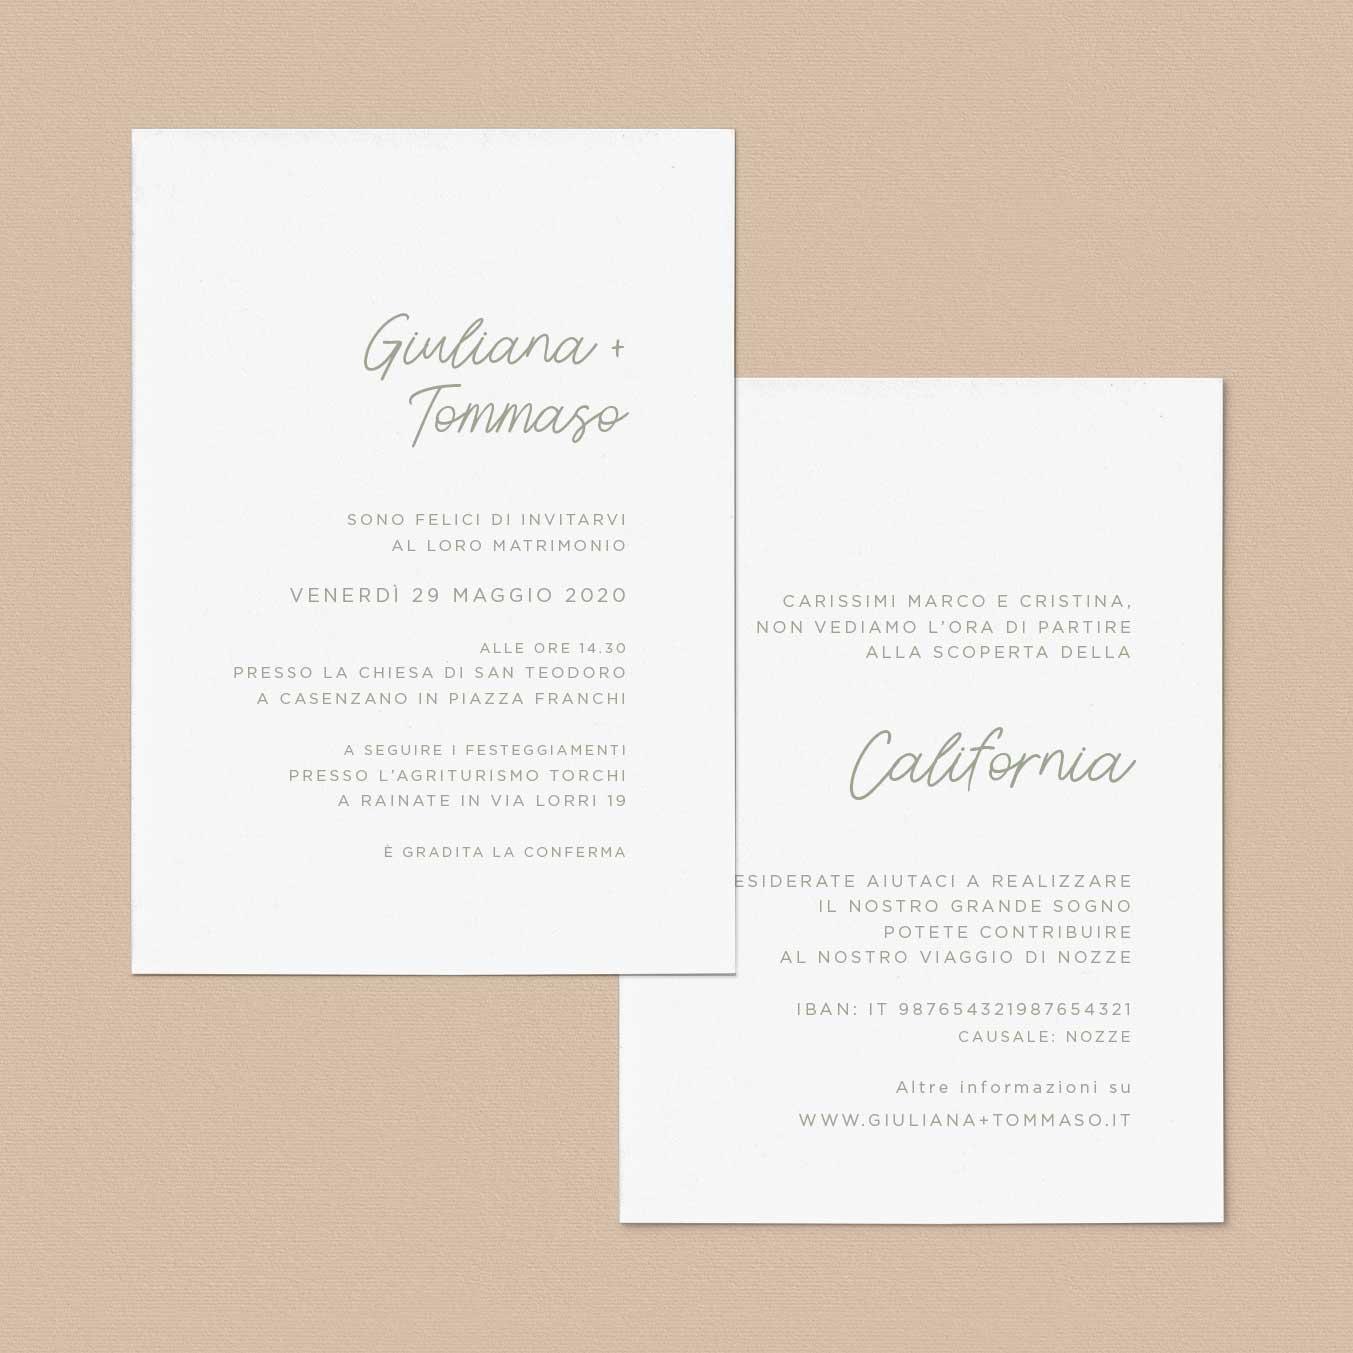 Partecipazioni-nozze-matrimonio-2020-moderne-eleganti-semplice-idea-esempio-modelli